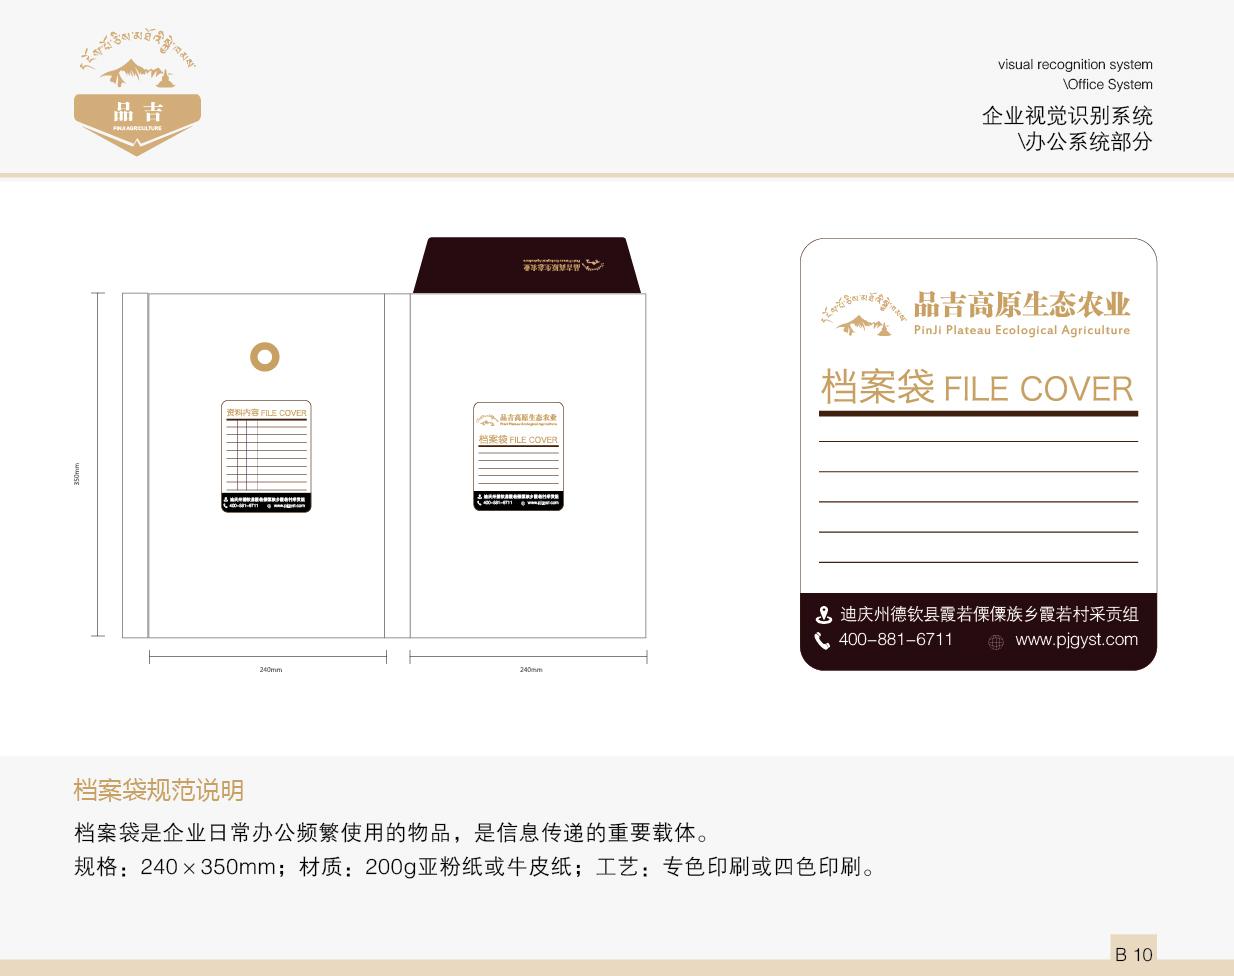 品吉农业VI 办公系统部分  客户资料  第11张